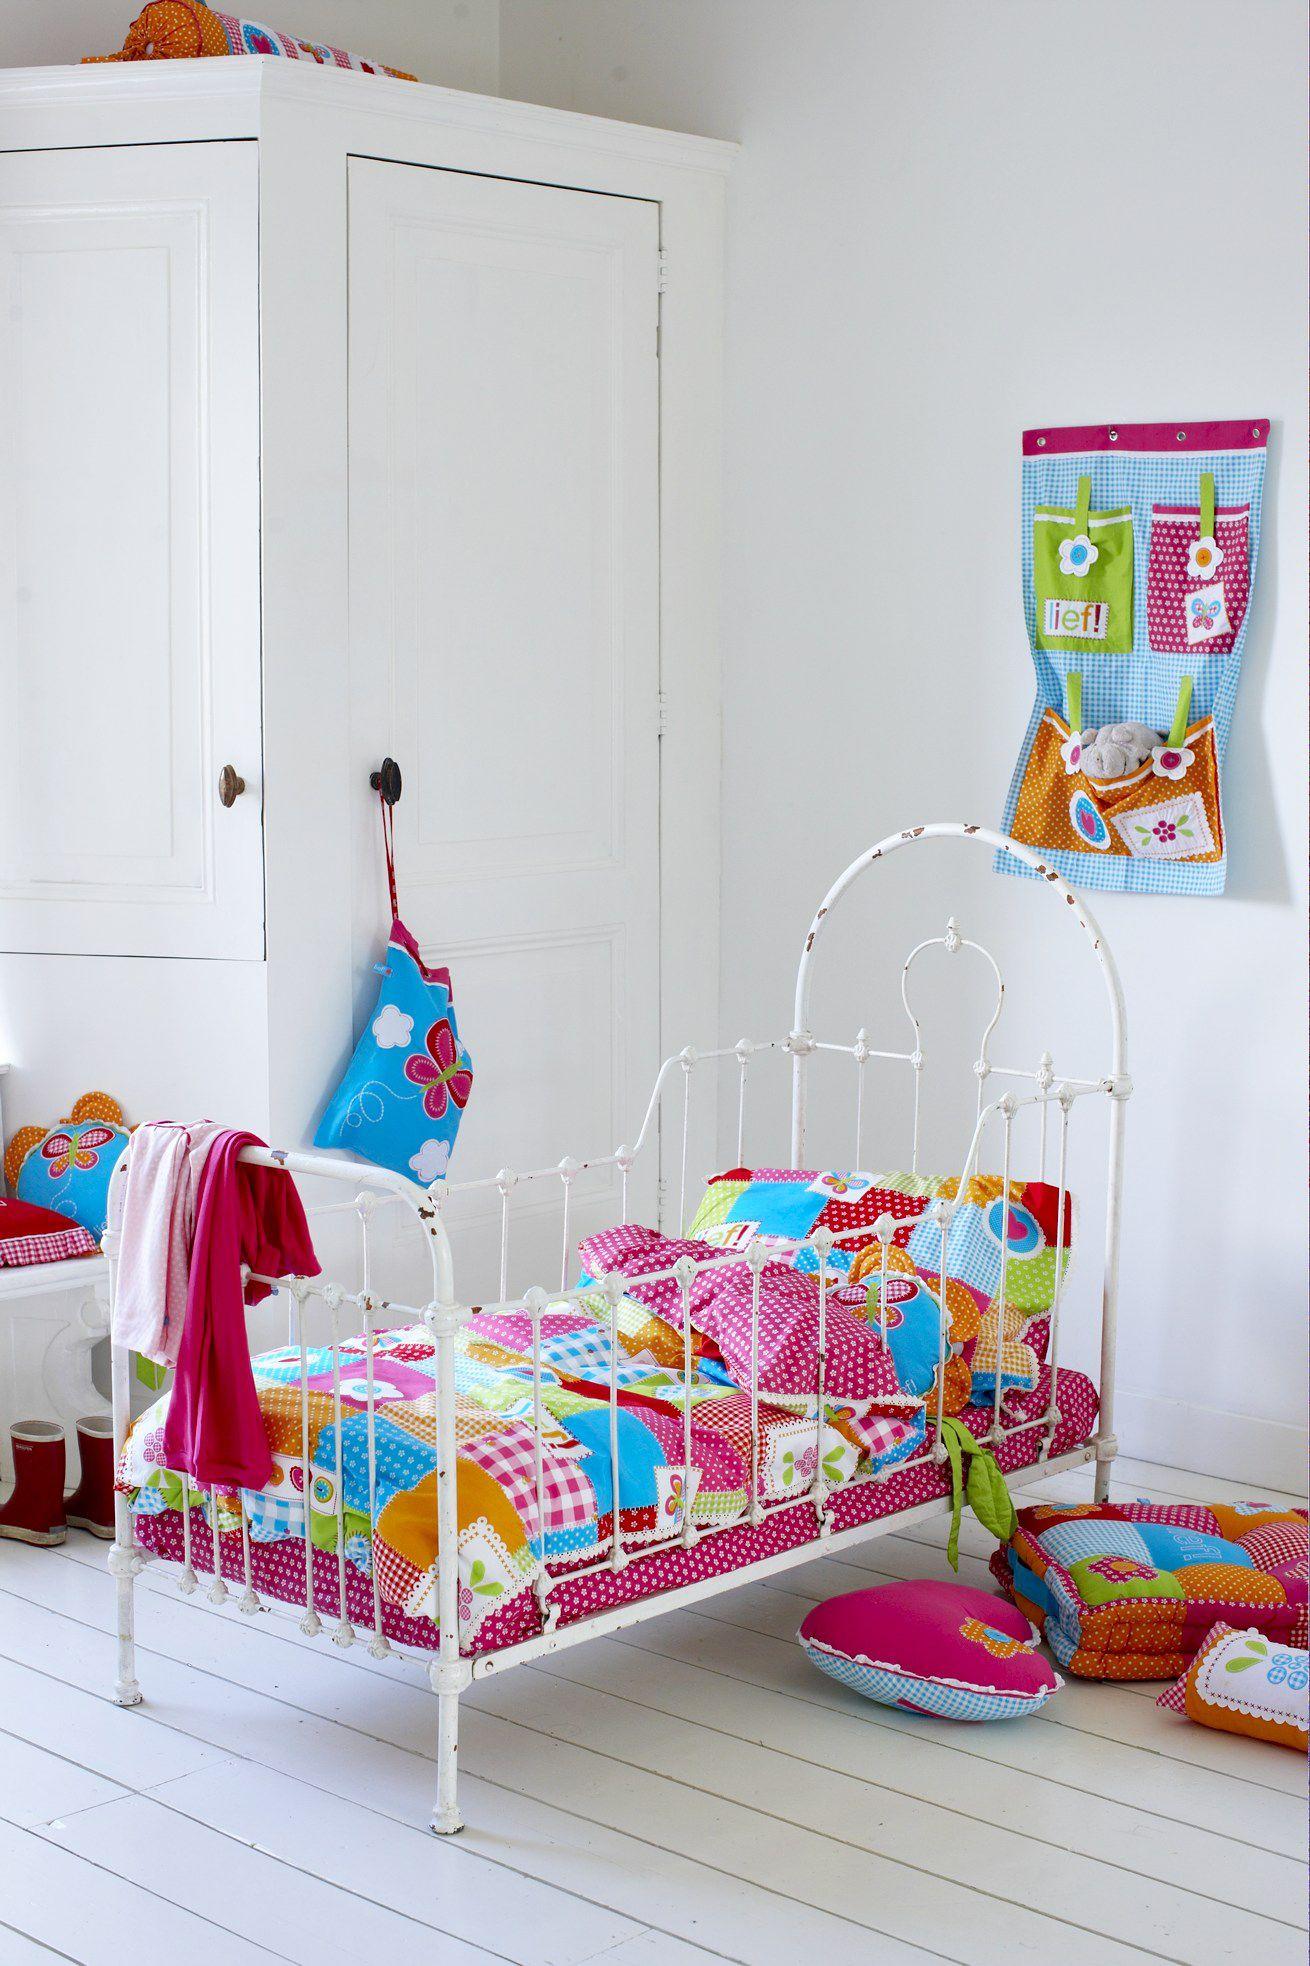 lief lifestyle bedding 10 www.lieflifestyle.nl   Kids interior ...